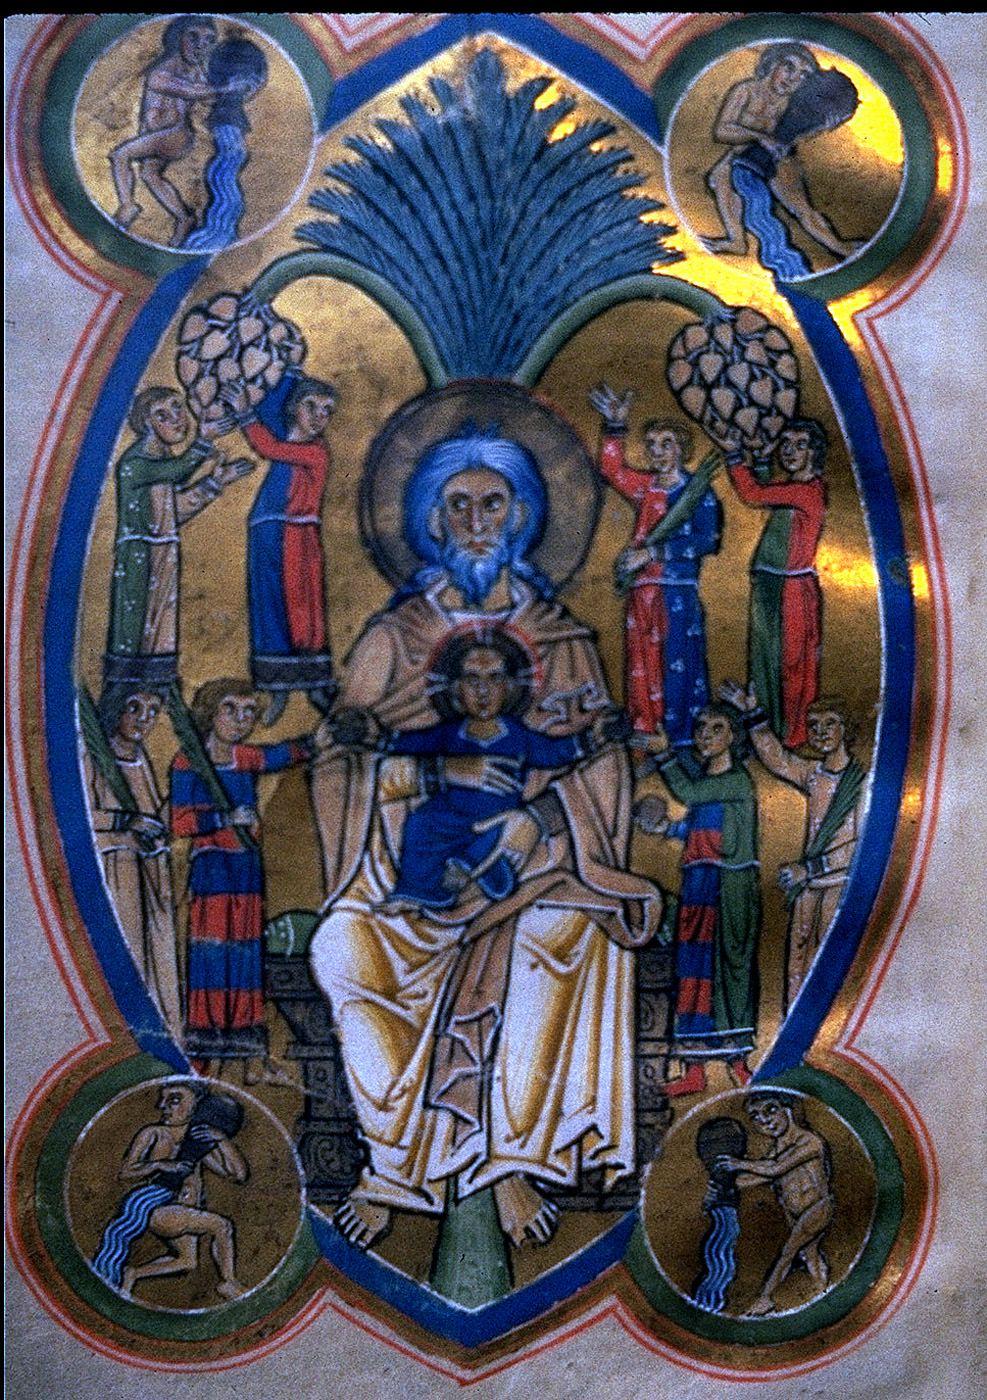 Ο Λάζαρος στην αγκαλιά του Αβραάμ. Σελίδα από Γερμανικό χειρόγραφο (ανώνυμου)